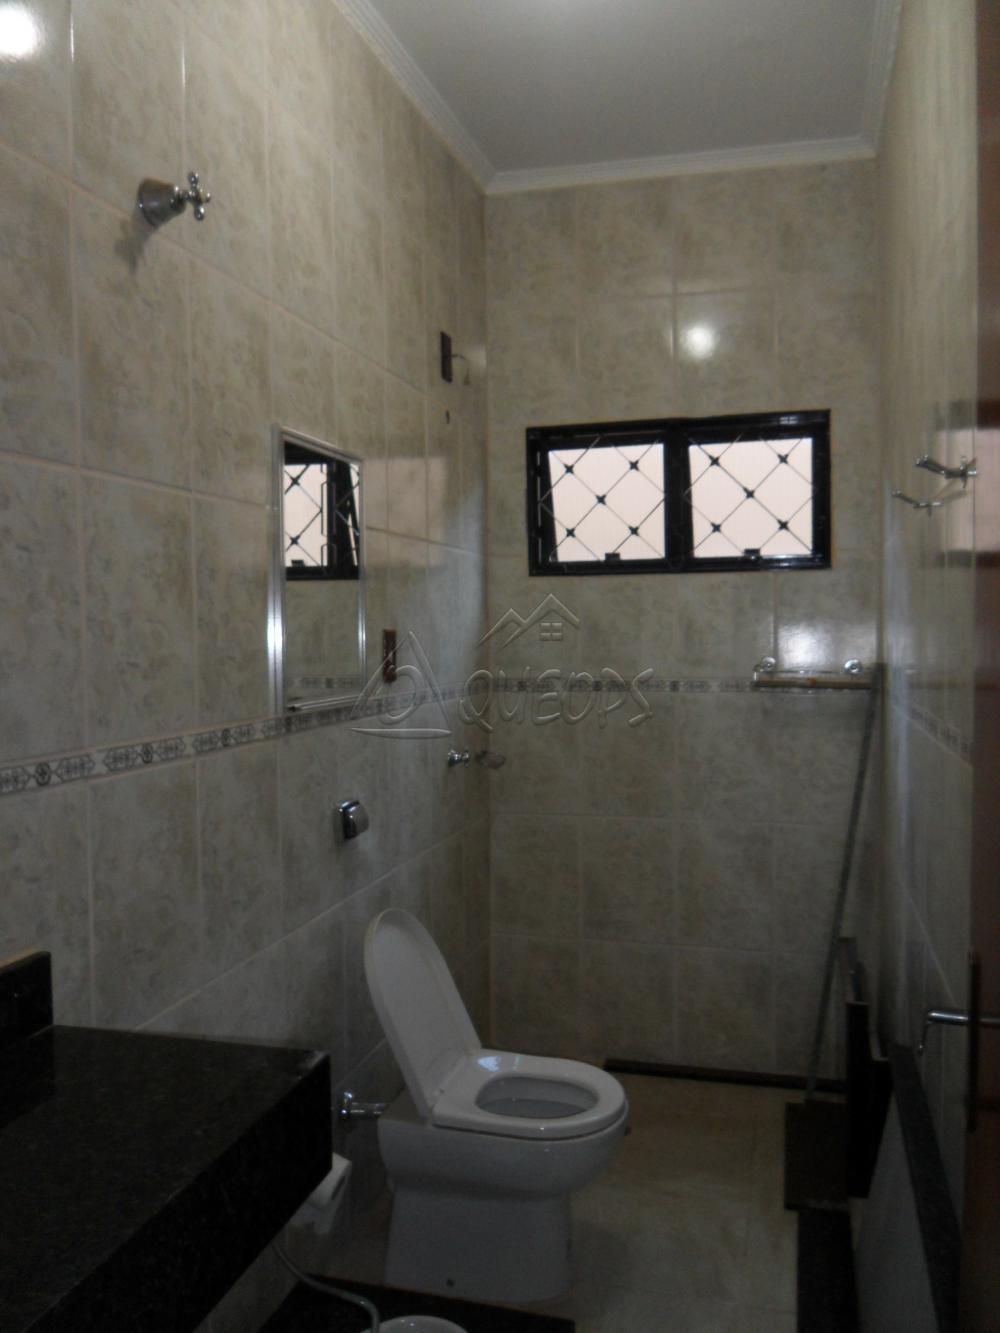 Comprar Casa / Padrão em Barretos apenas R$ 450.000,00 - Foto 16